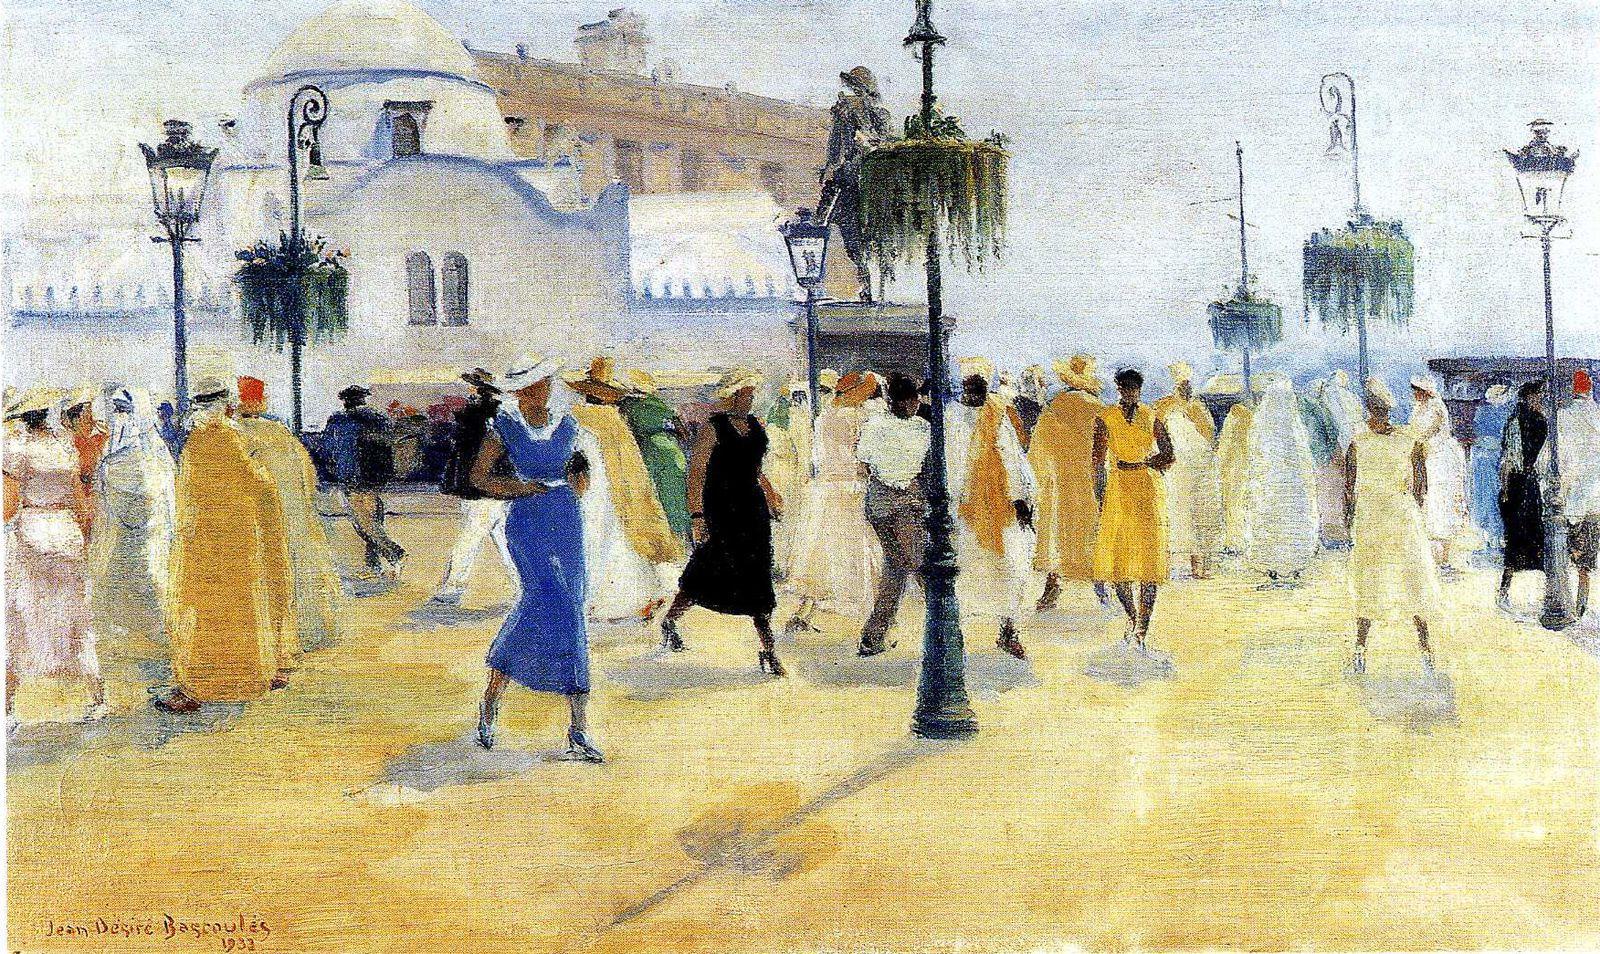 """Jean-Désiré Bascoulès : """"Les Elégantes, place du Gouvernement, Alger"""" 1933 huile sur toile / 49 x 80 cms"""